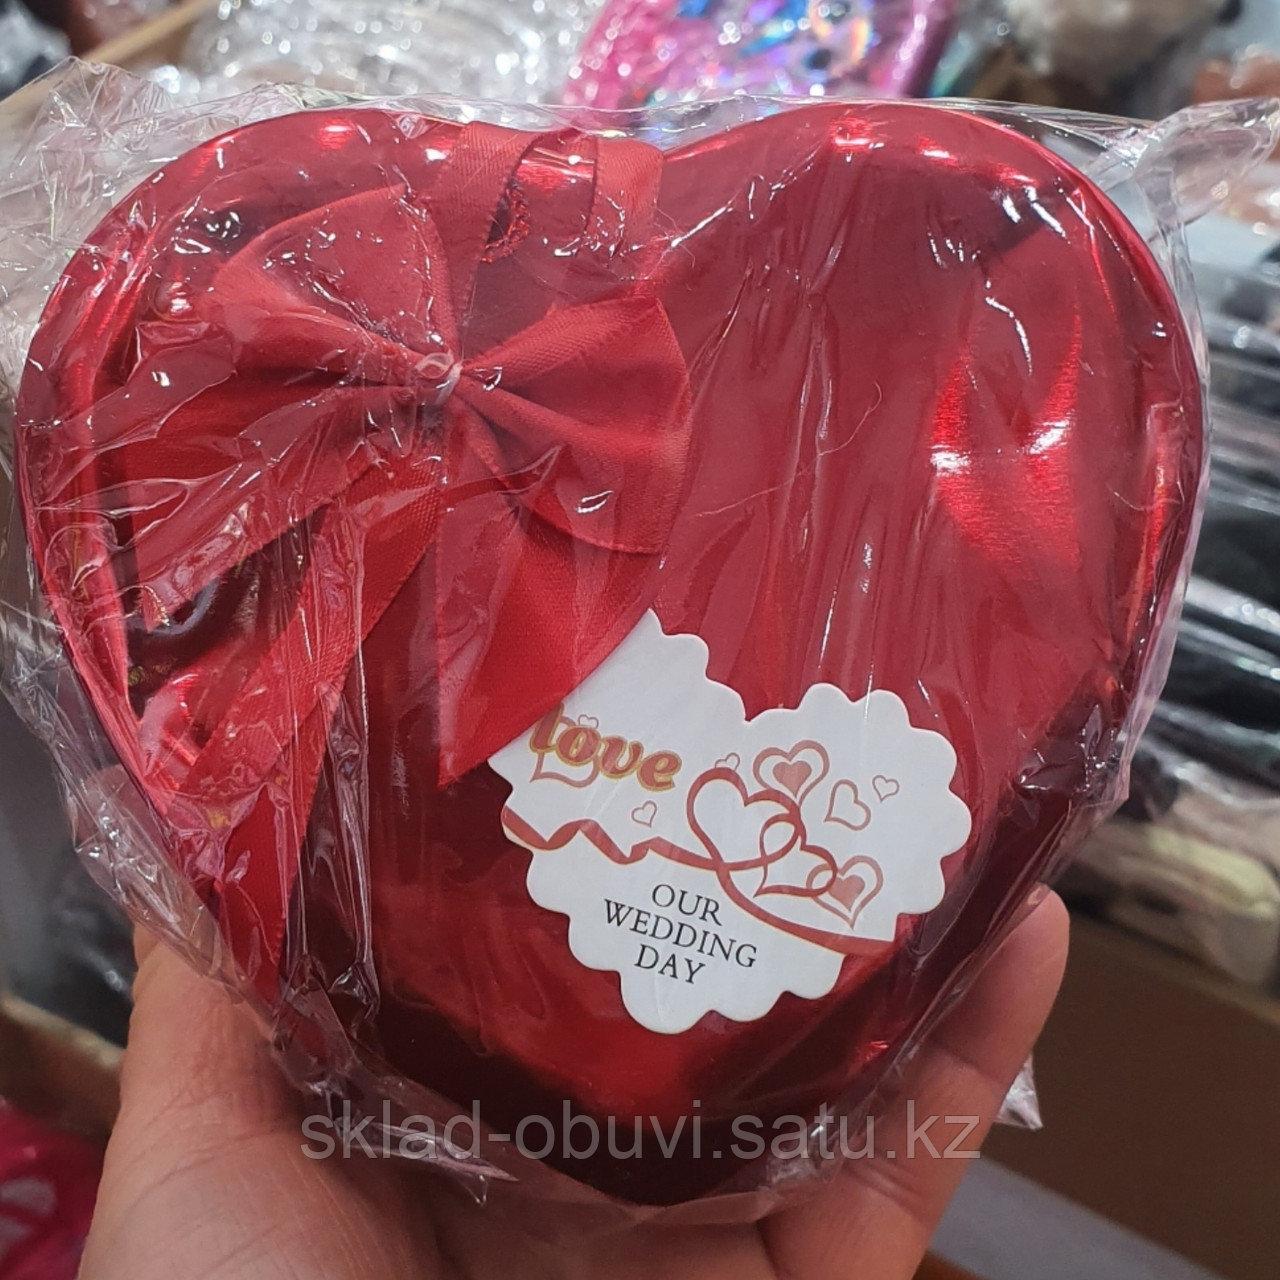 Цветы с игрушкой / милый подарок / букет/ подарочный набор в металлической коробочке в форме сердца - фото 2